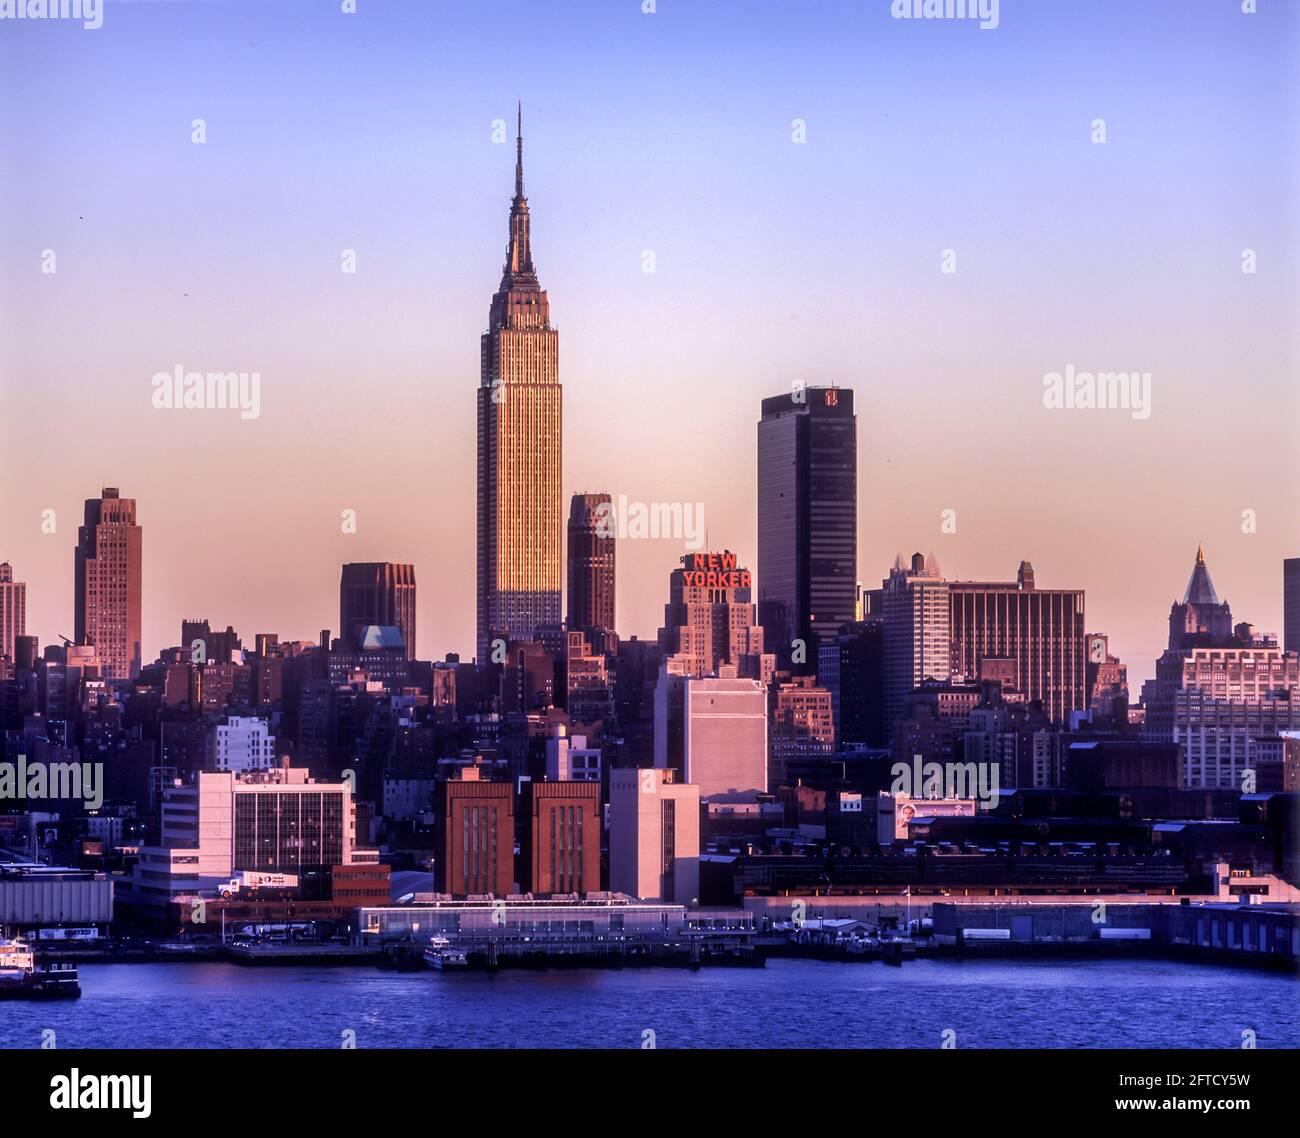 2006 BÂTIMENT HISTORIQUE DE L'EMPIRE STATE (©SHREVE LAMB & HARMON 1931) HORIZON MIDTOWN HUDSON RIVER MANHATTAN NEW YORK CITY USA Banque D'Images